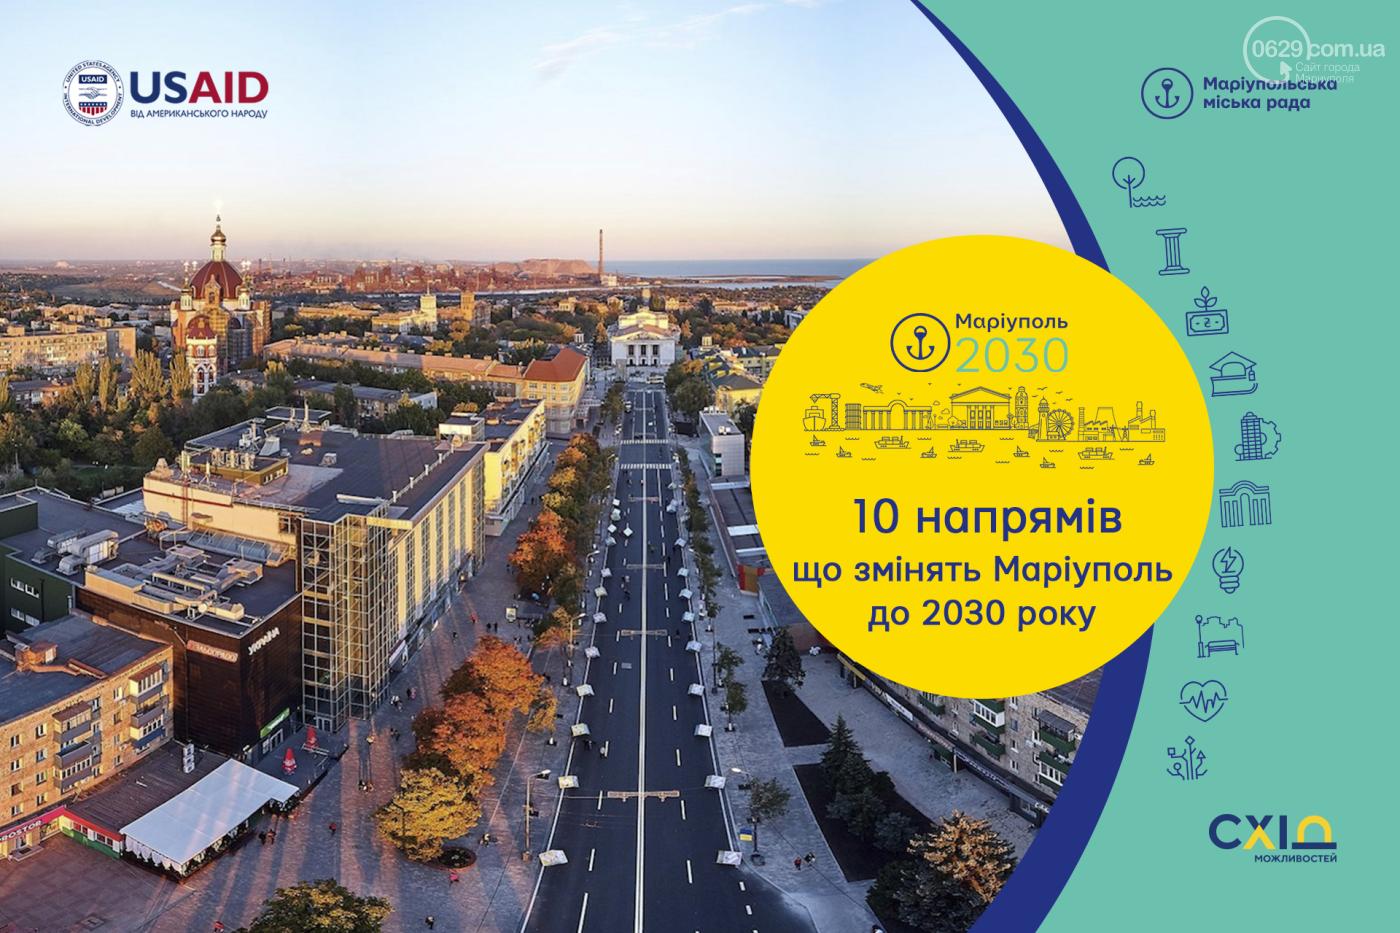 ТОП-10 направлений, которые изменят Мариуполь до 2030: приоритеты развития города     , фото-1